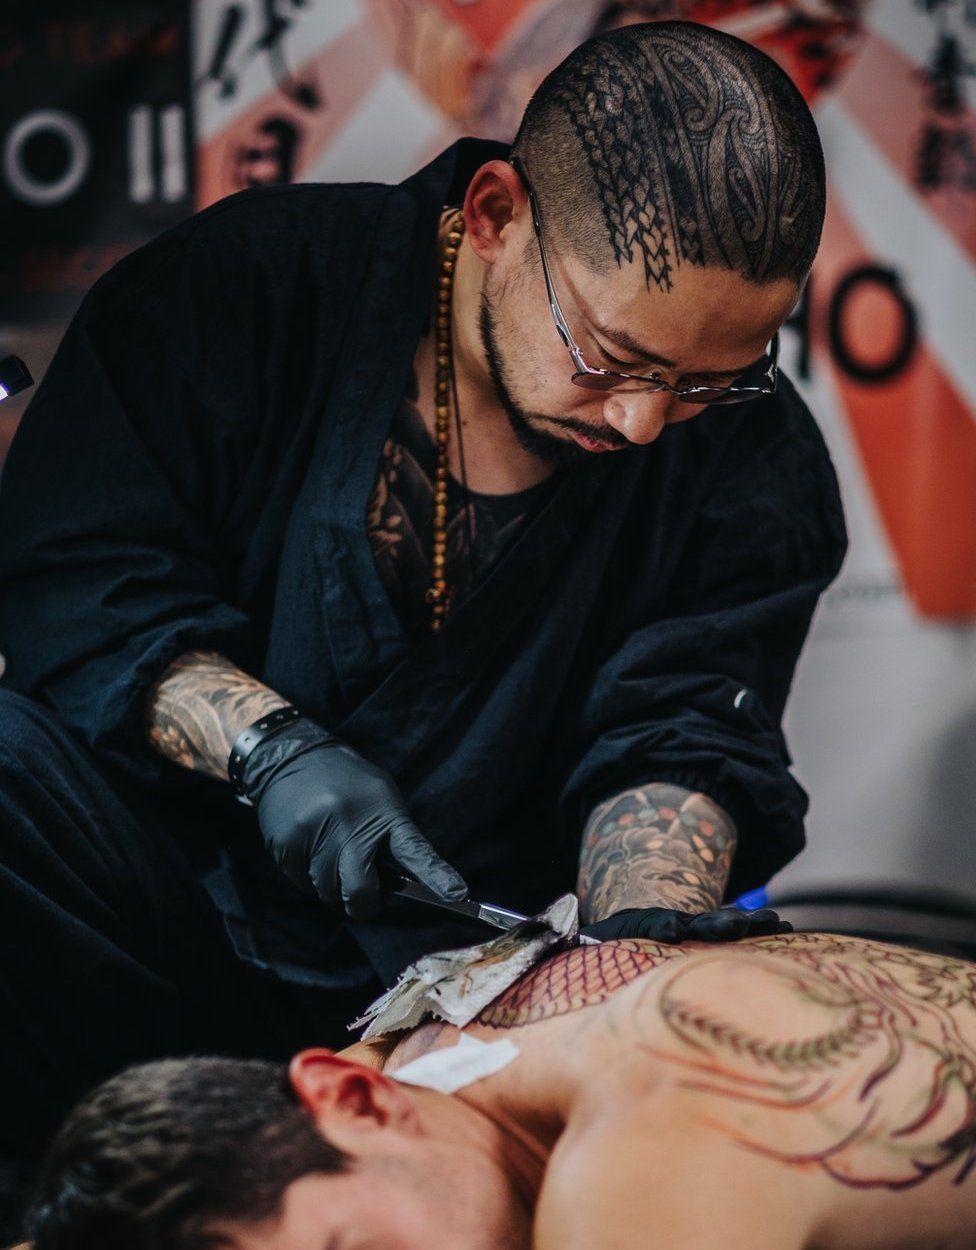 Tetoviranje U Japanu Od Jakuza Preko Navijača Do Hipstera